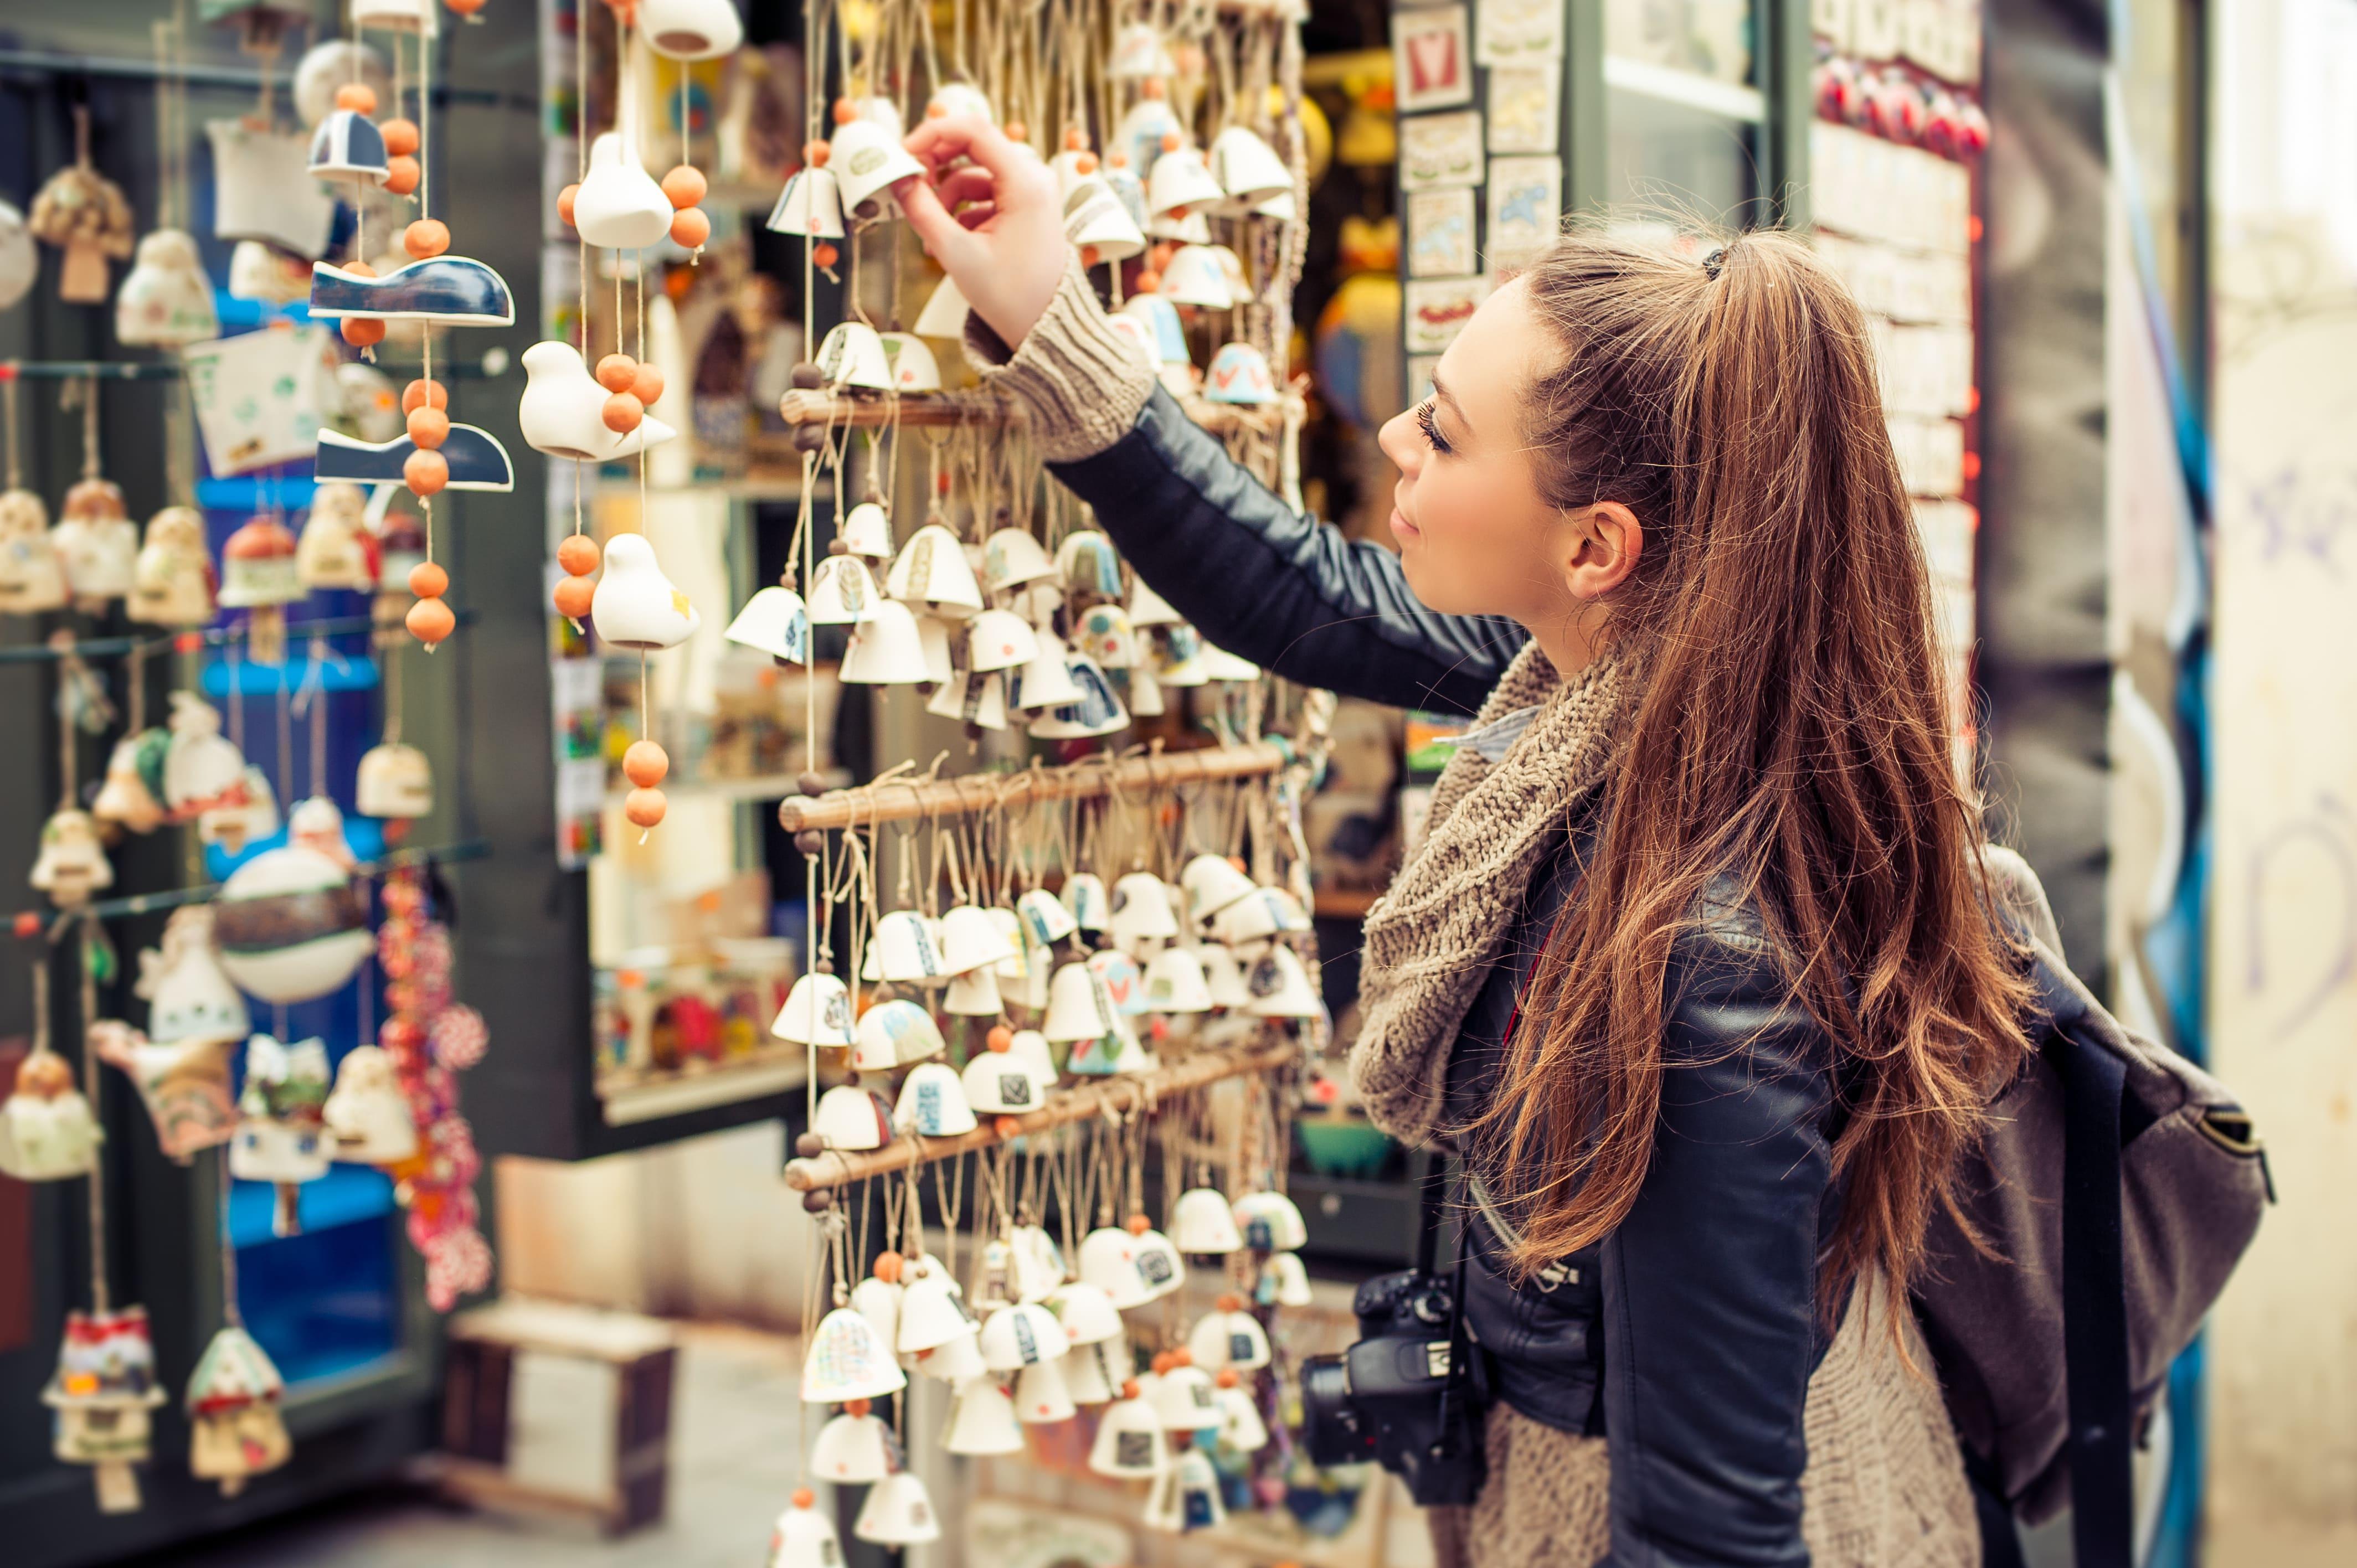 Imagem de uma mulher que está viajando e parou em uma loja para inspirar o empreendedor que deseja abrir uma loja de souvenirs